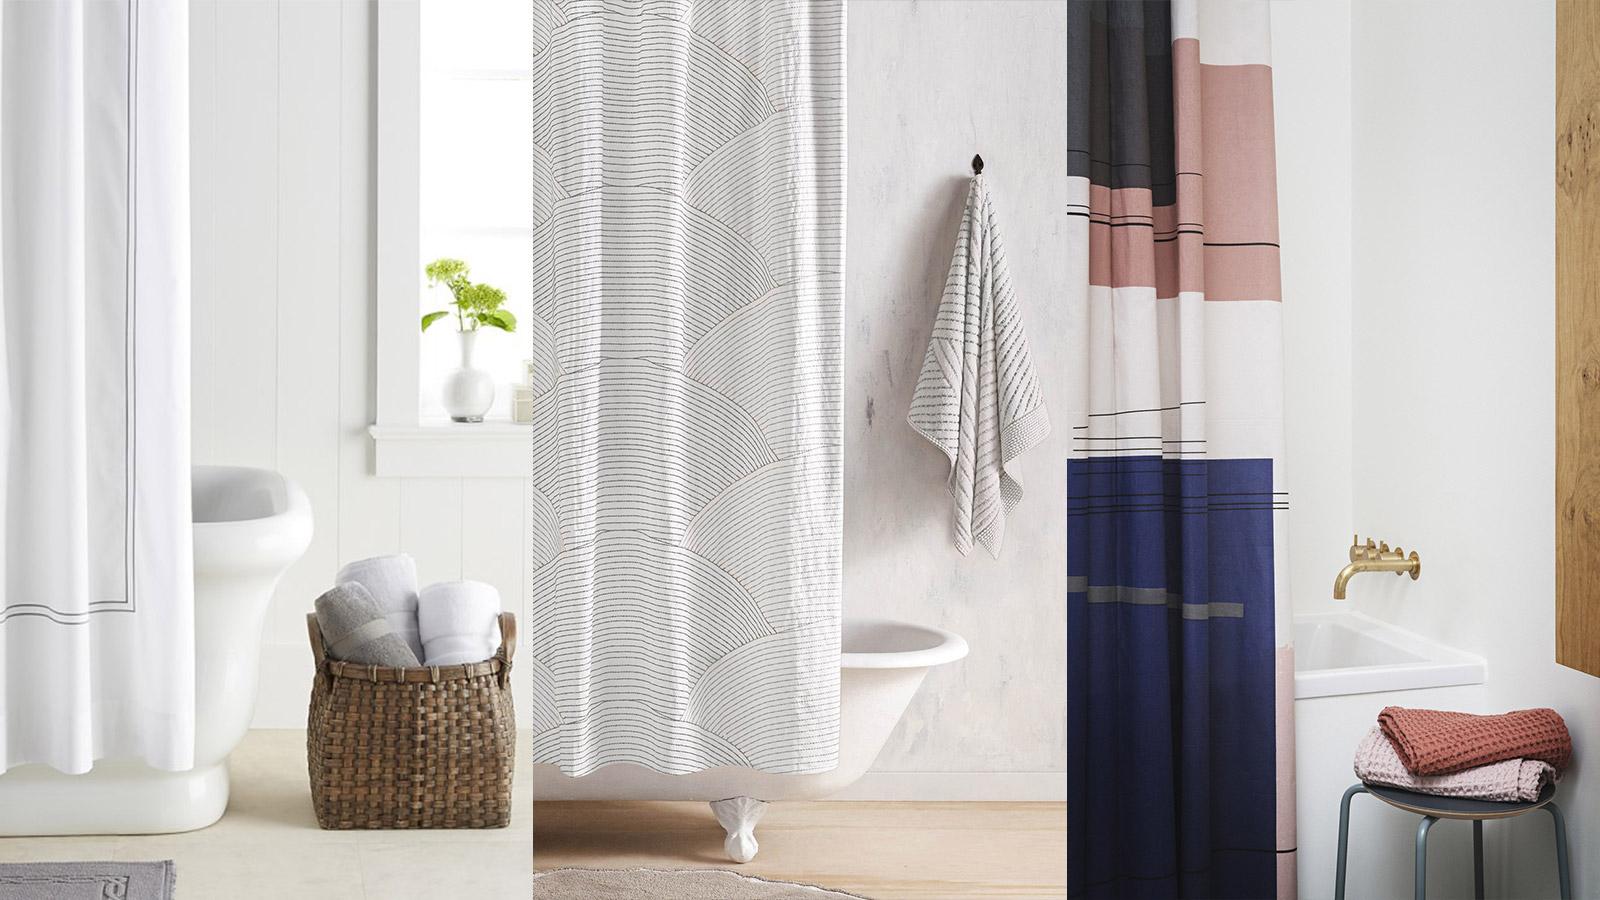 مدل های جدید دکوراسیون حمام شیک و مدرن 2019